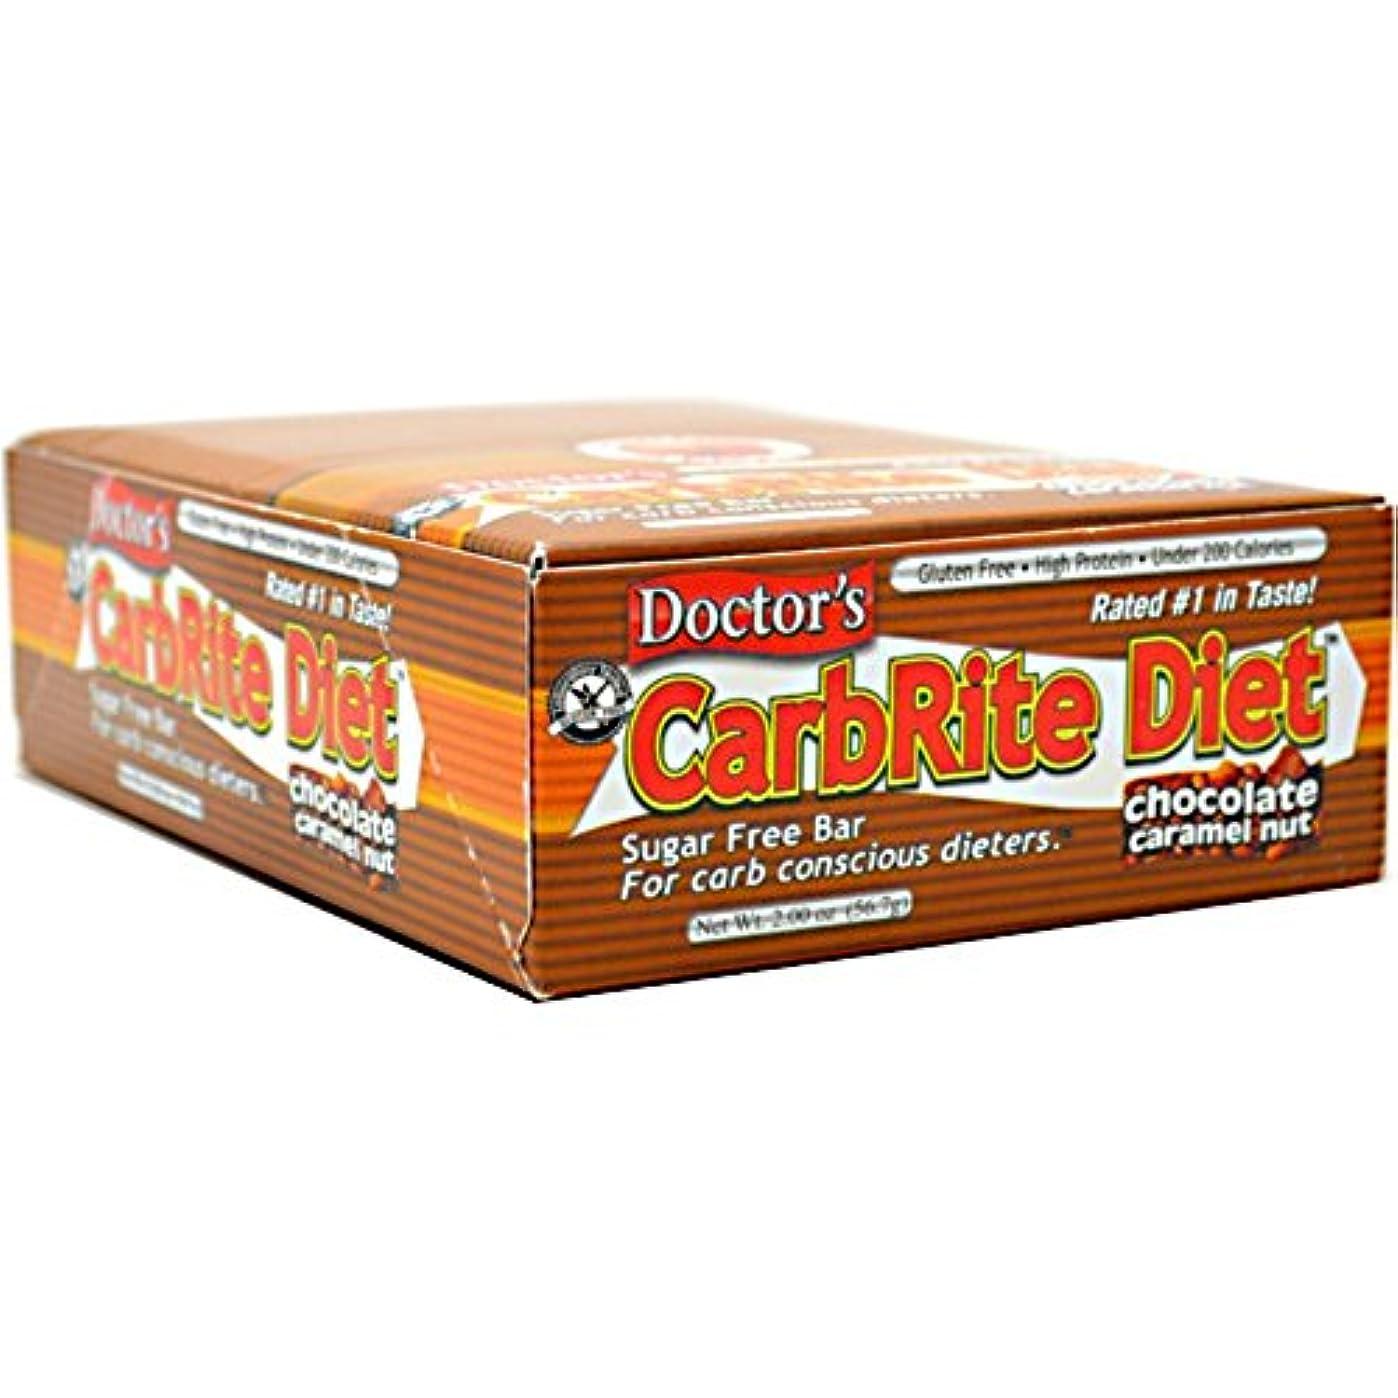 瀬戸際逃げる穿孔するUniversal Nutrition, Doctor's CarbRite Diet, Chocolate Caramel Nut, 12 Bars, 2.0 oz (56.7 g) Each